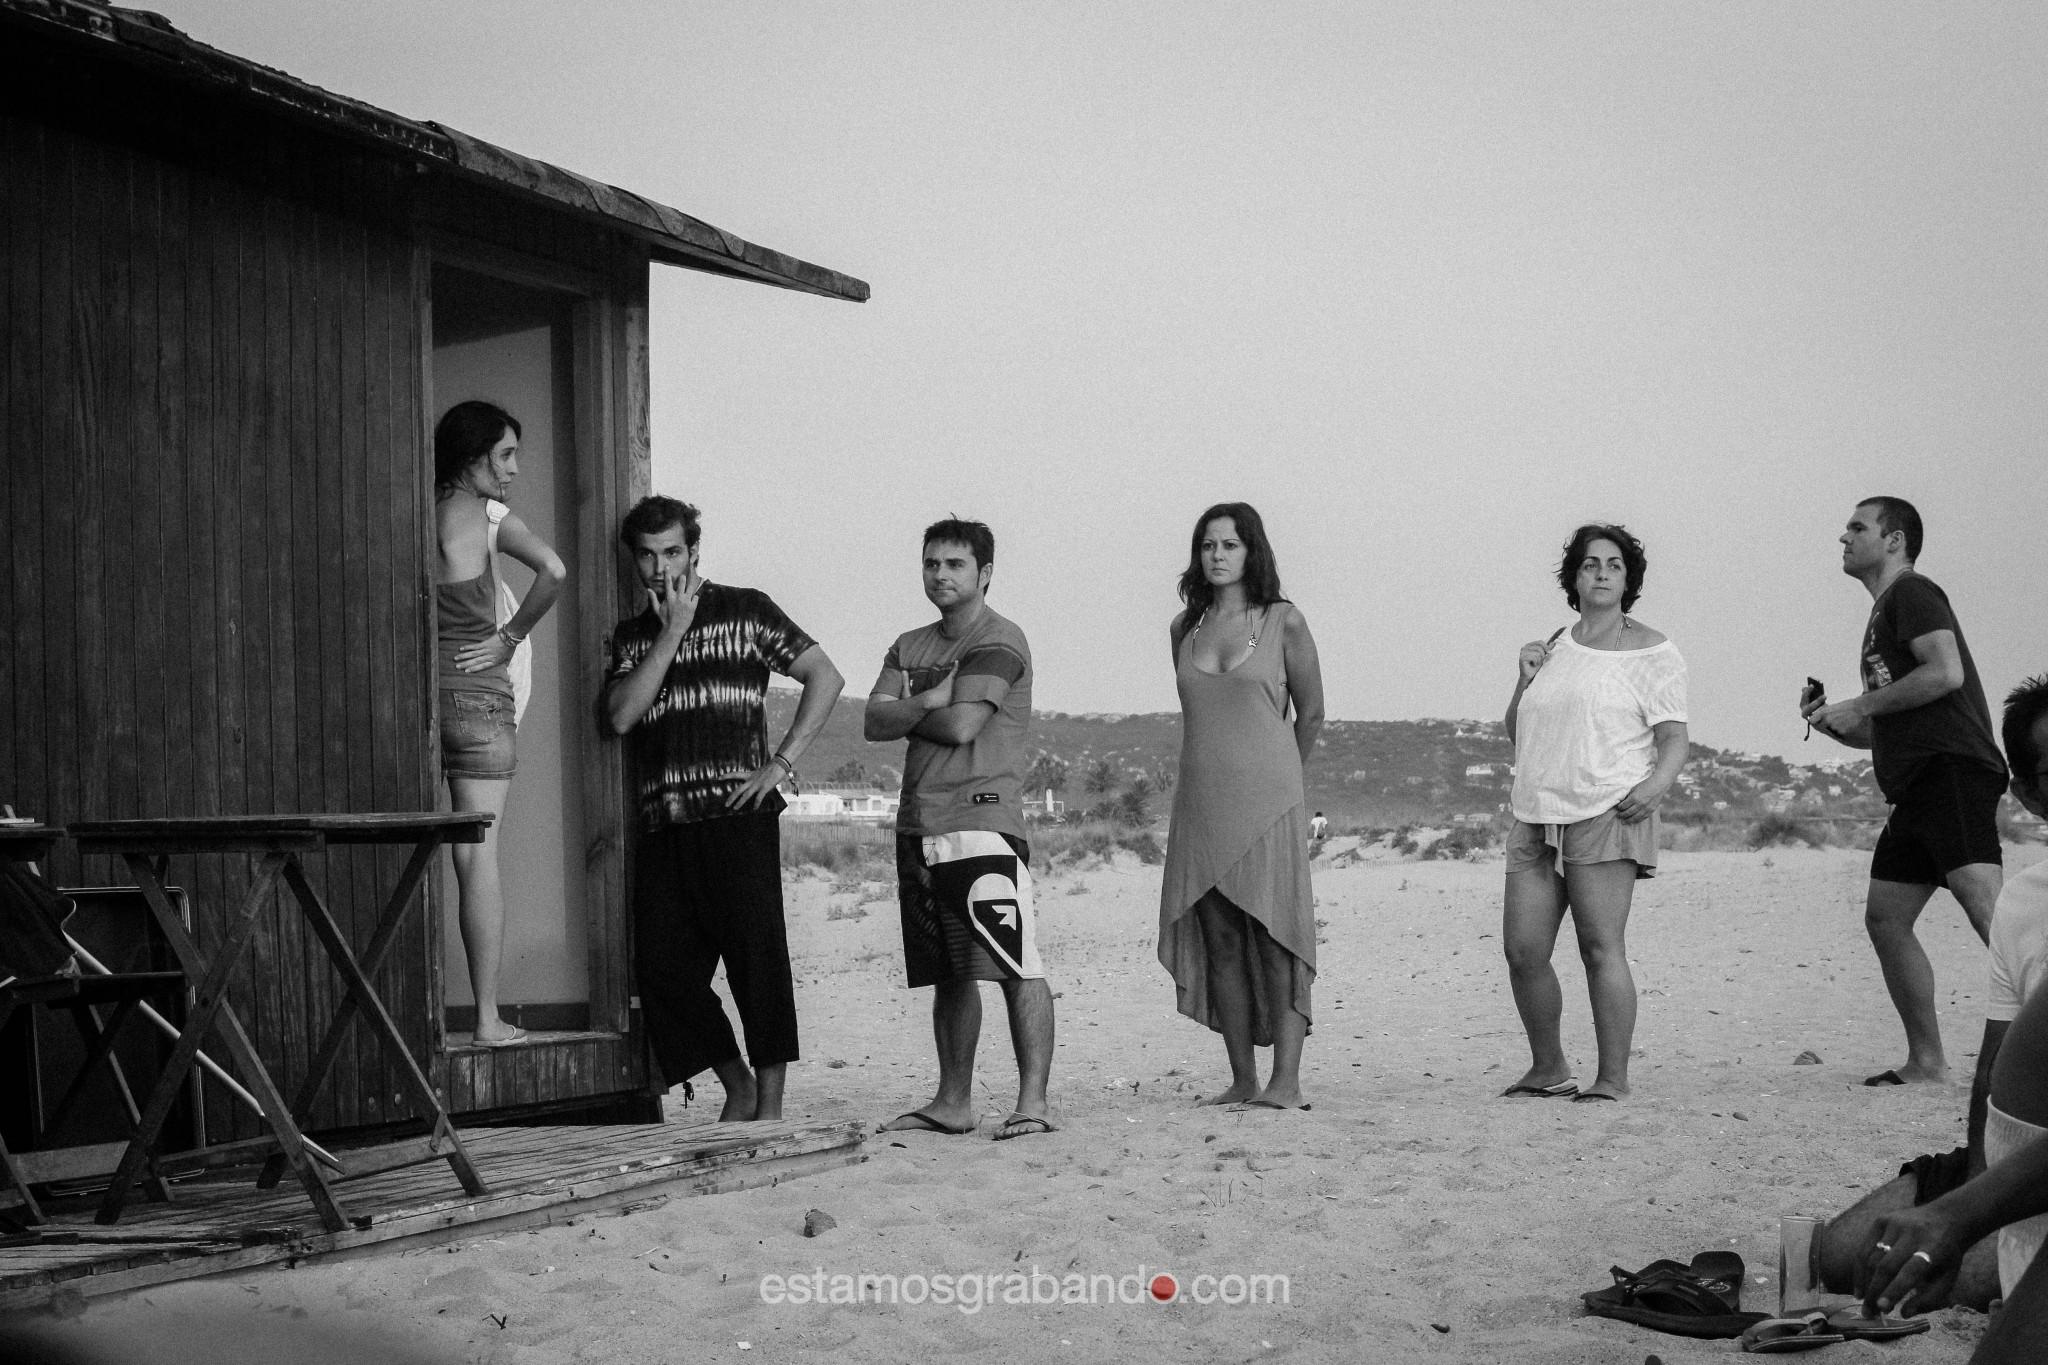 chiringuitour_post-24 El Canijo de Jerez y el CHIRINGUITOUR - video boda cadiz